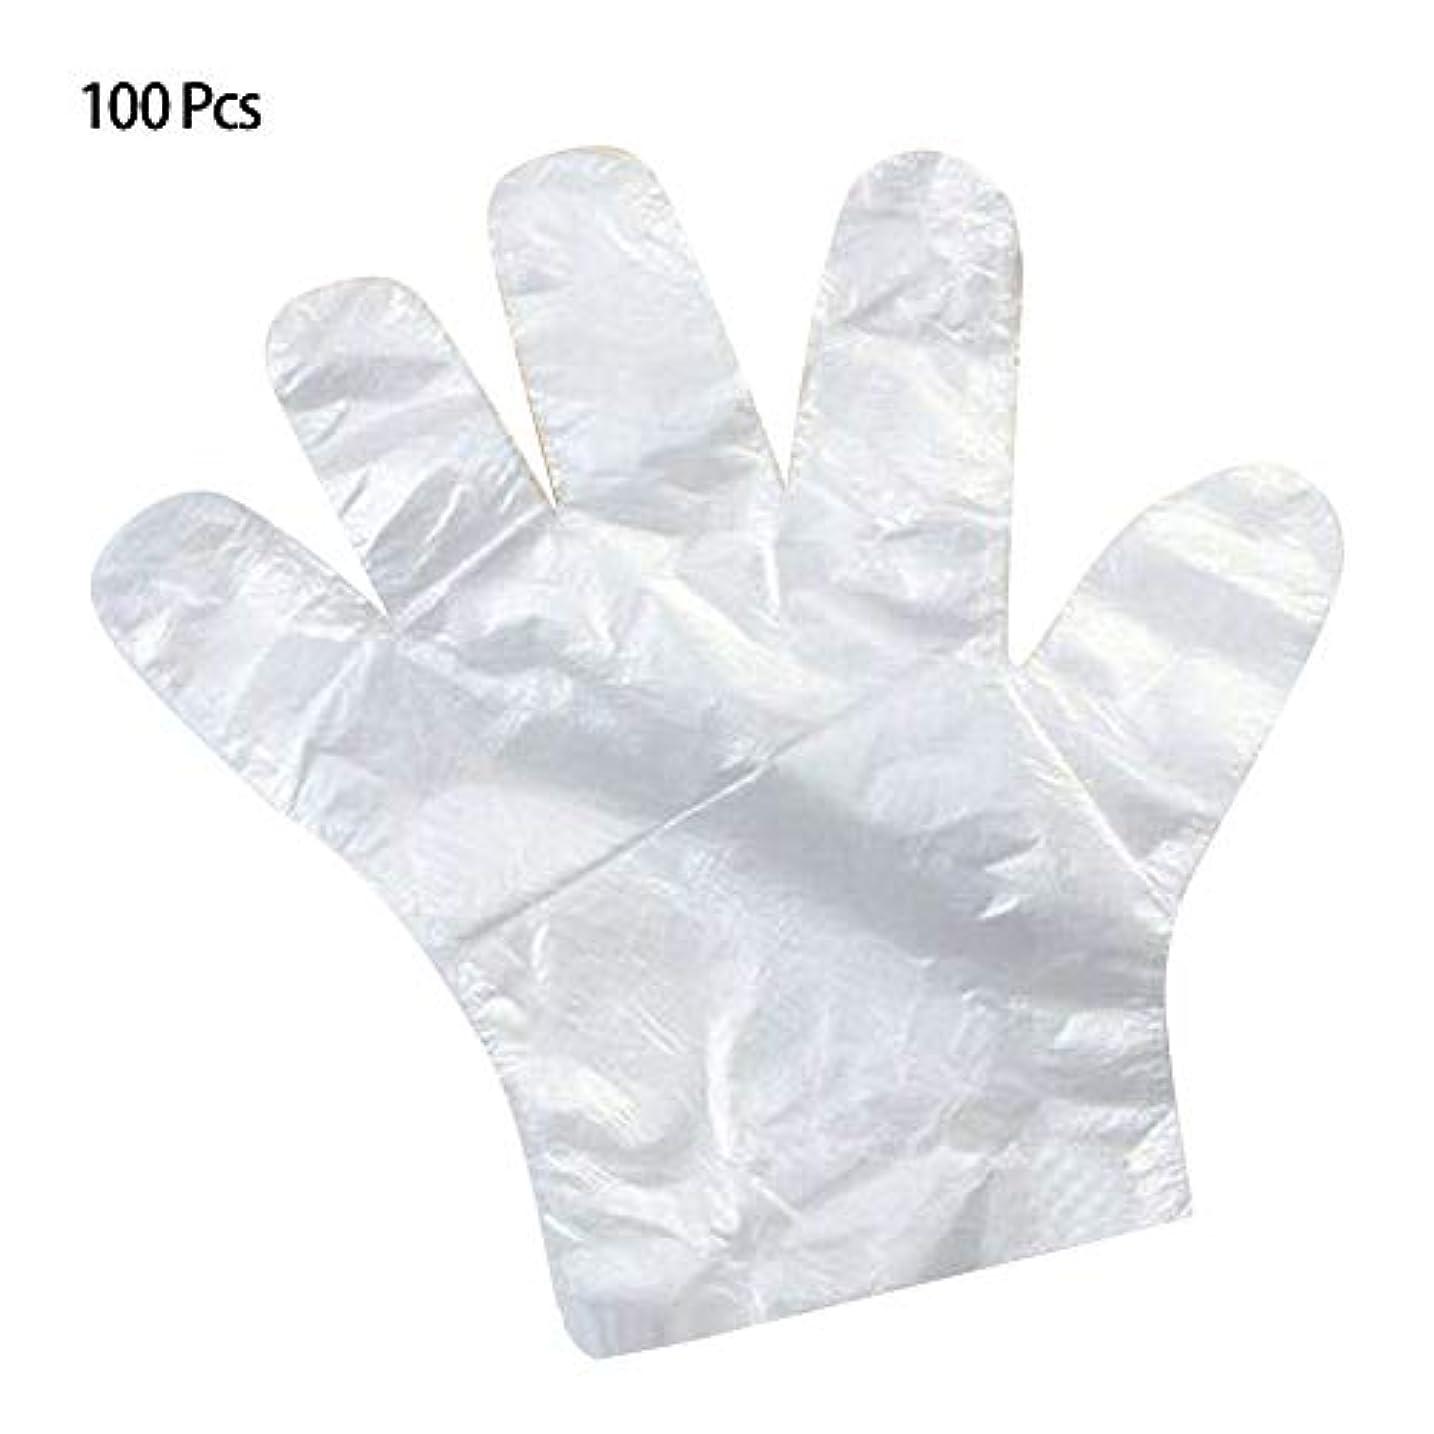 扱いやすいパネル大いにLITI 使い捨て手袋 極薄ビニール手袋 透明 実用 衛生 極薄手袋 美容 調理 お掃除 毛染め 左右兼用 100枚